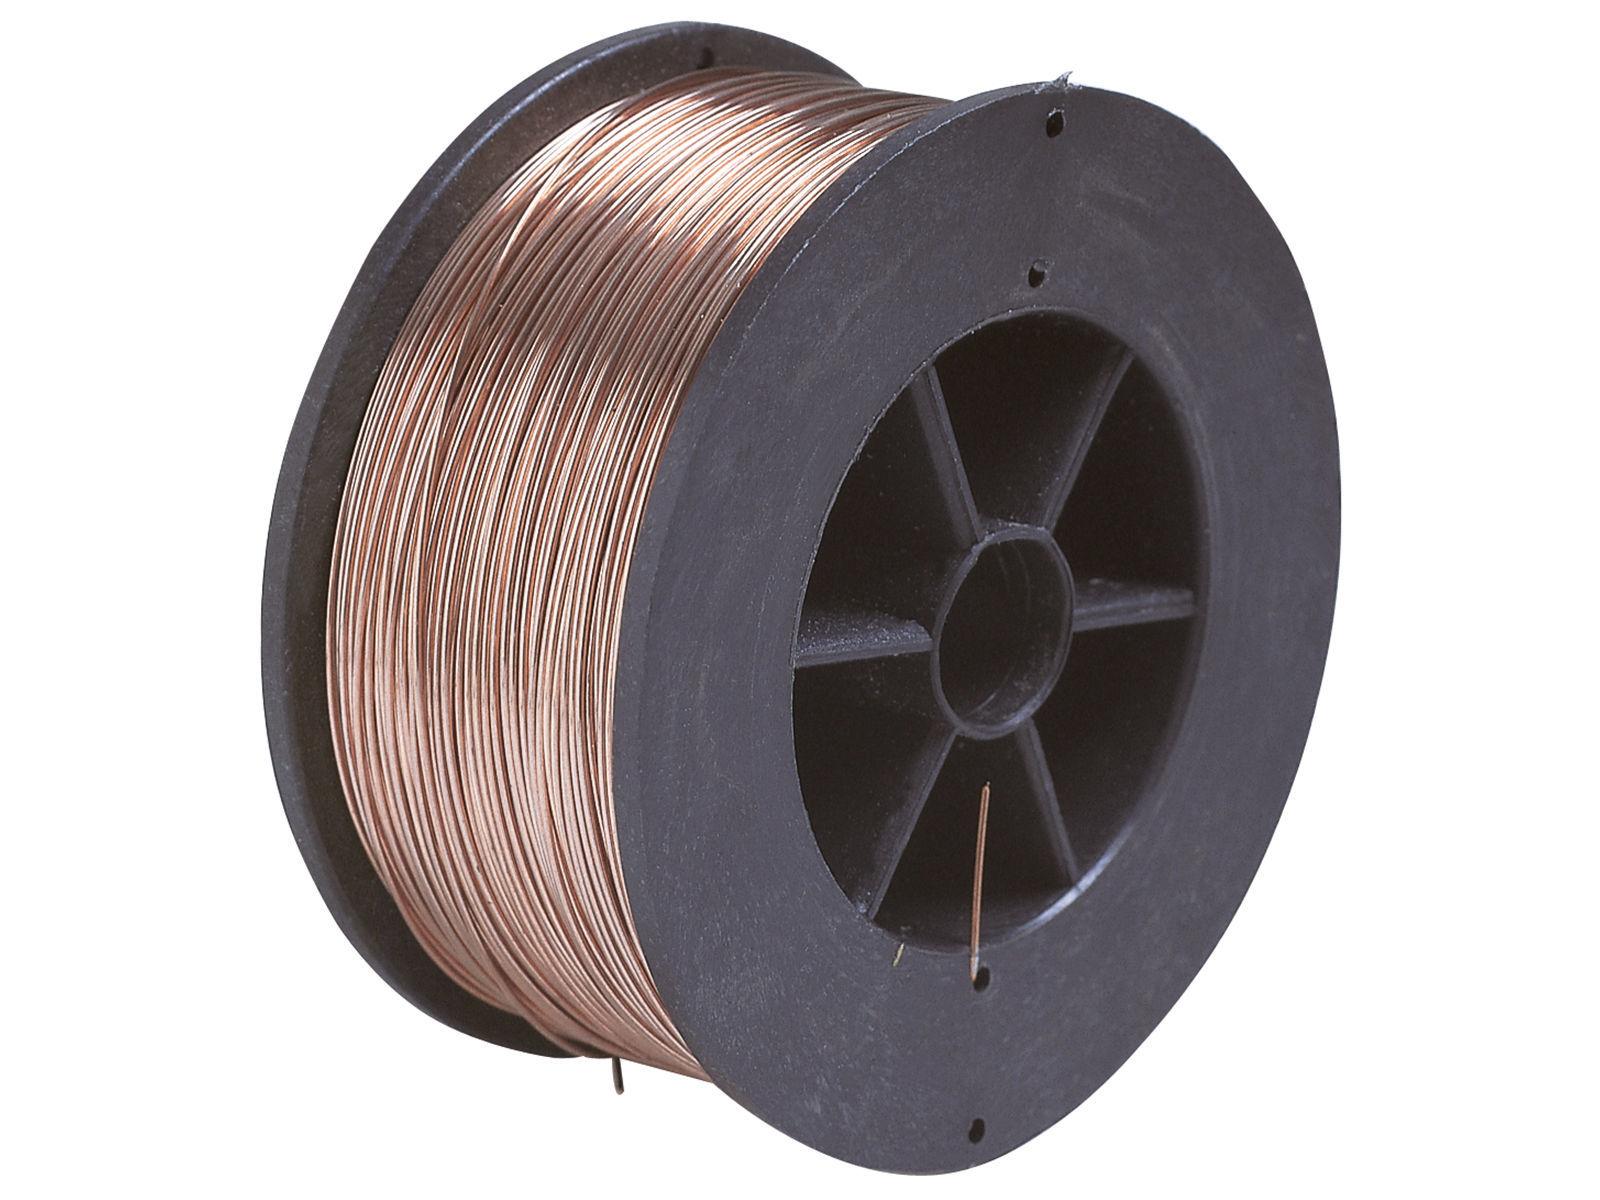 Bilde av Sveisetråd stål Ø0,6 mm 5,0kg